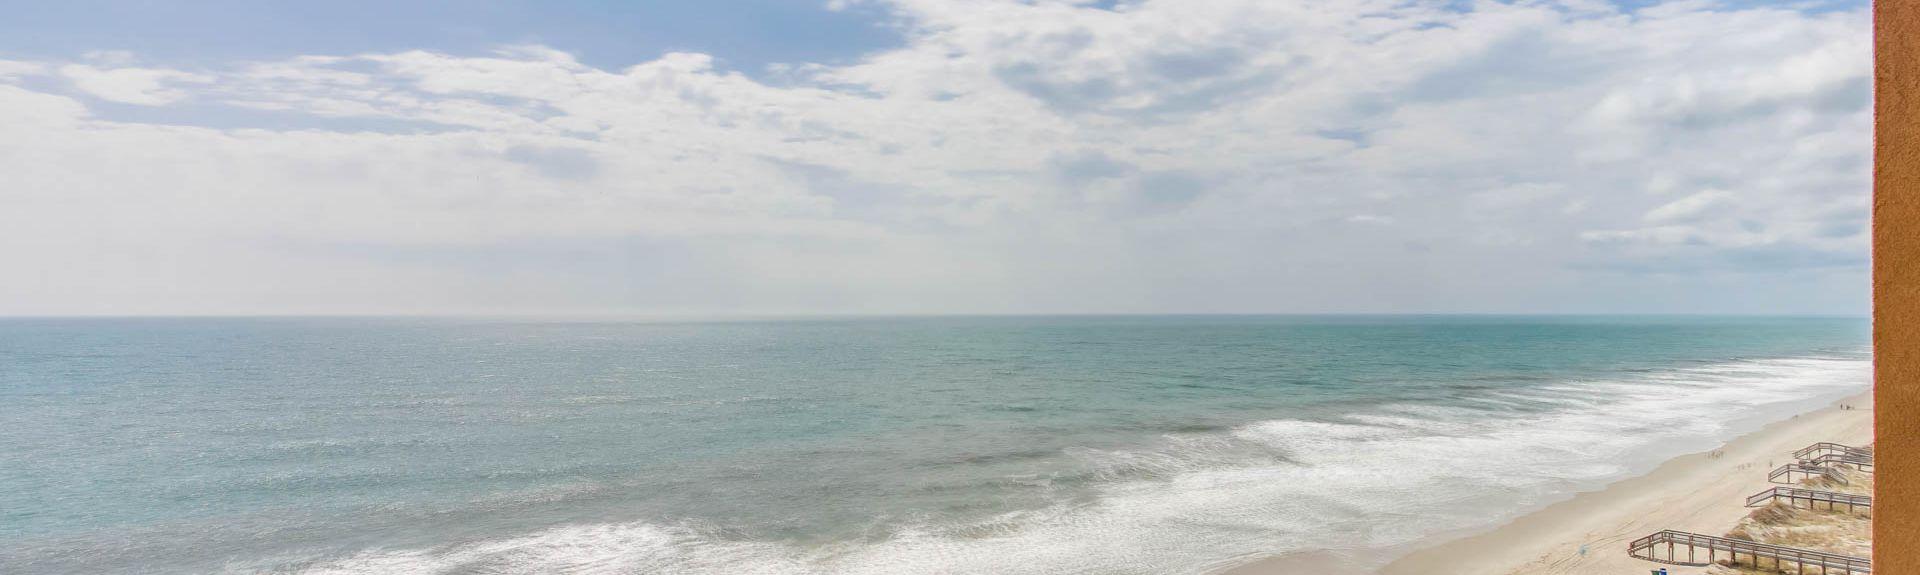 Island Vista Resort, Myrtle Beach, SC, USA